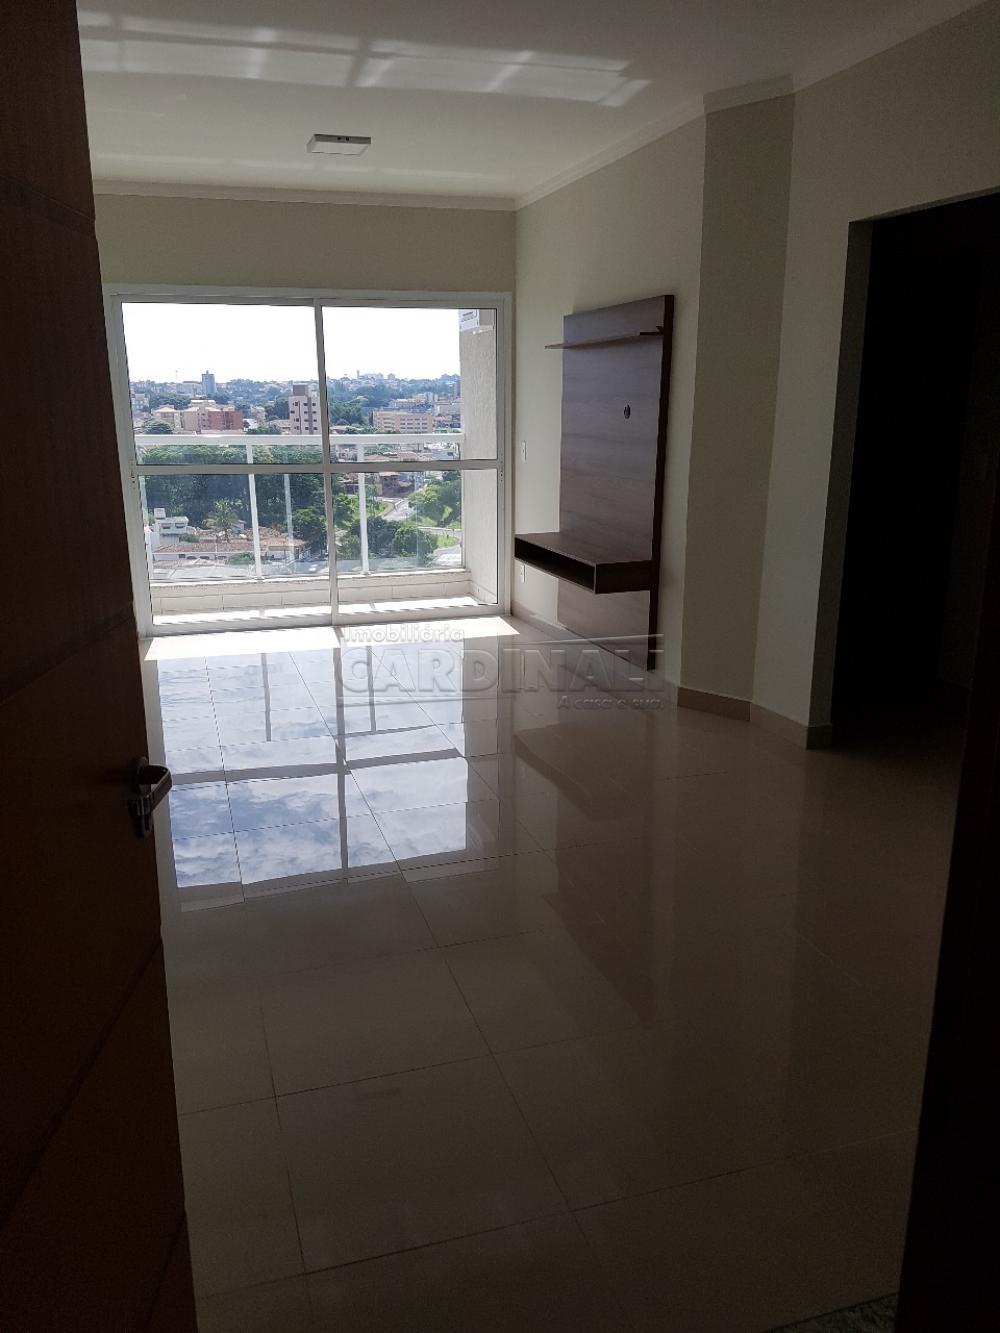 Alugar Apartamento / Padrão em São Carlos R$ 2.112,00 - Foto 3